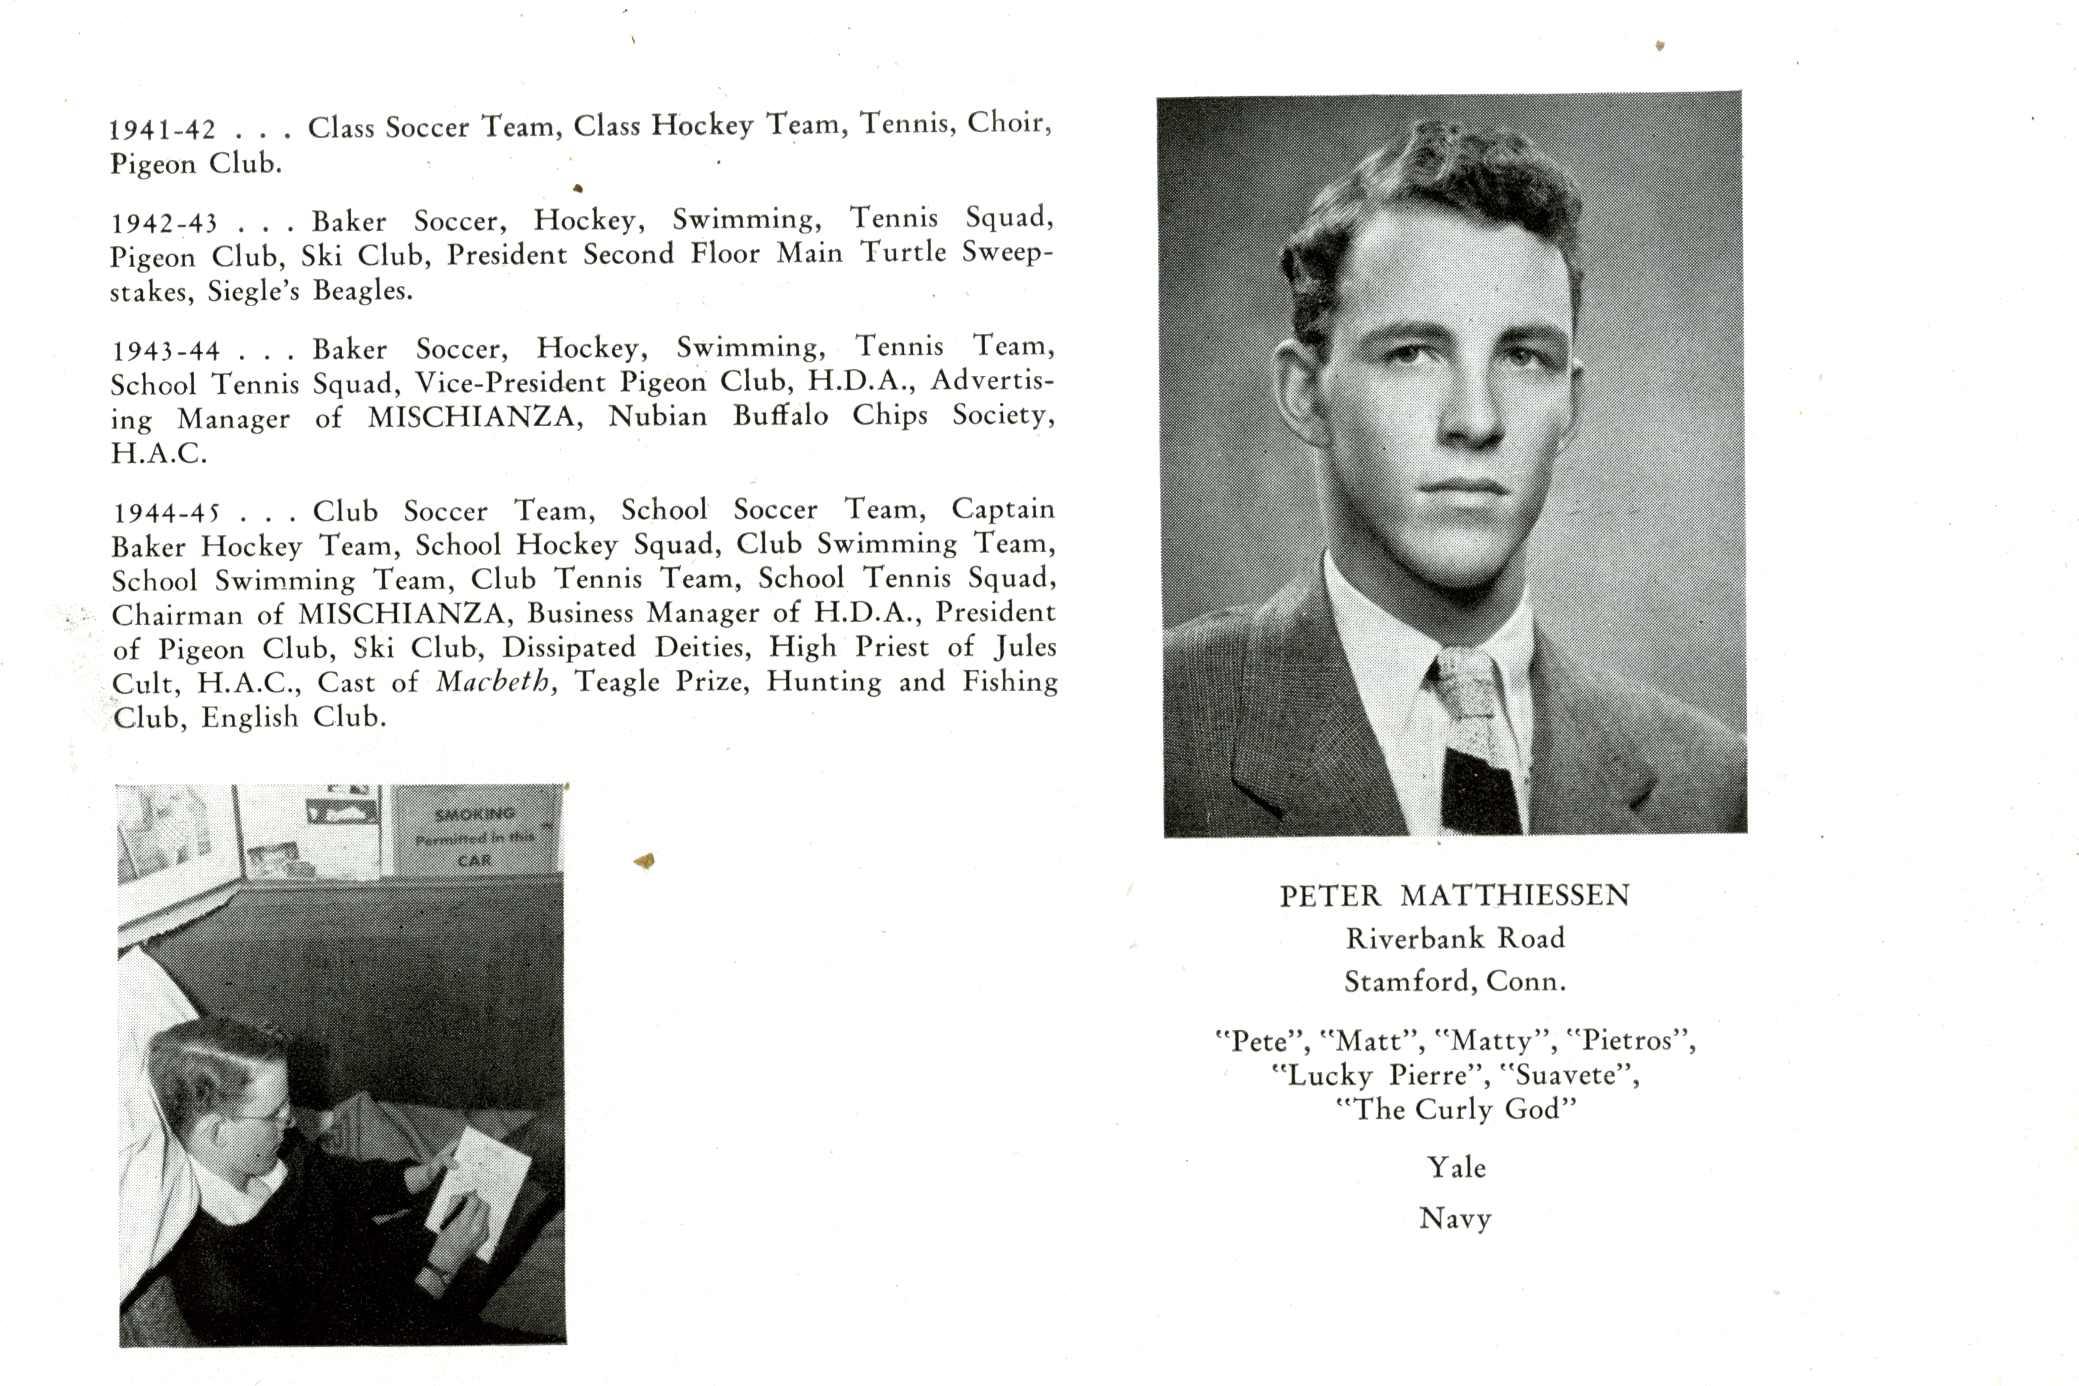 Matthiessen 1945 (1)